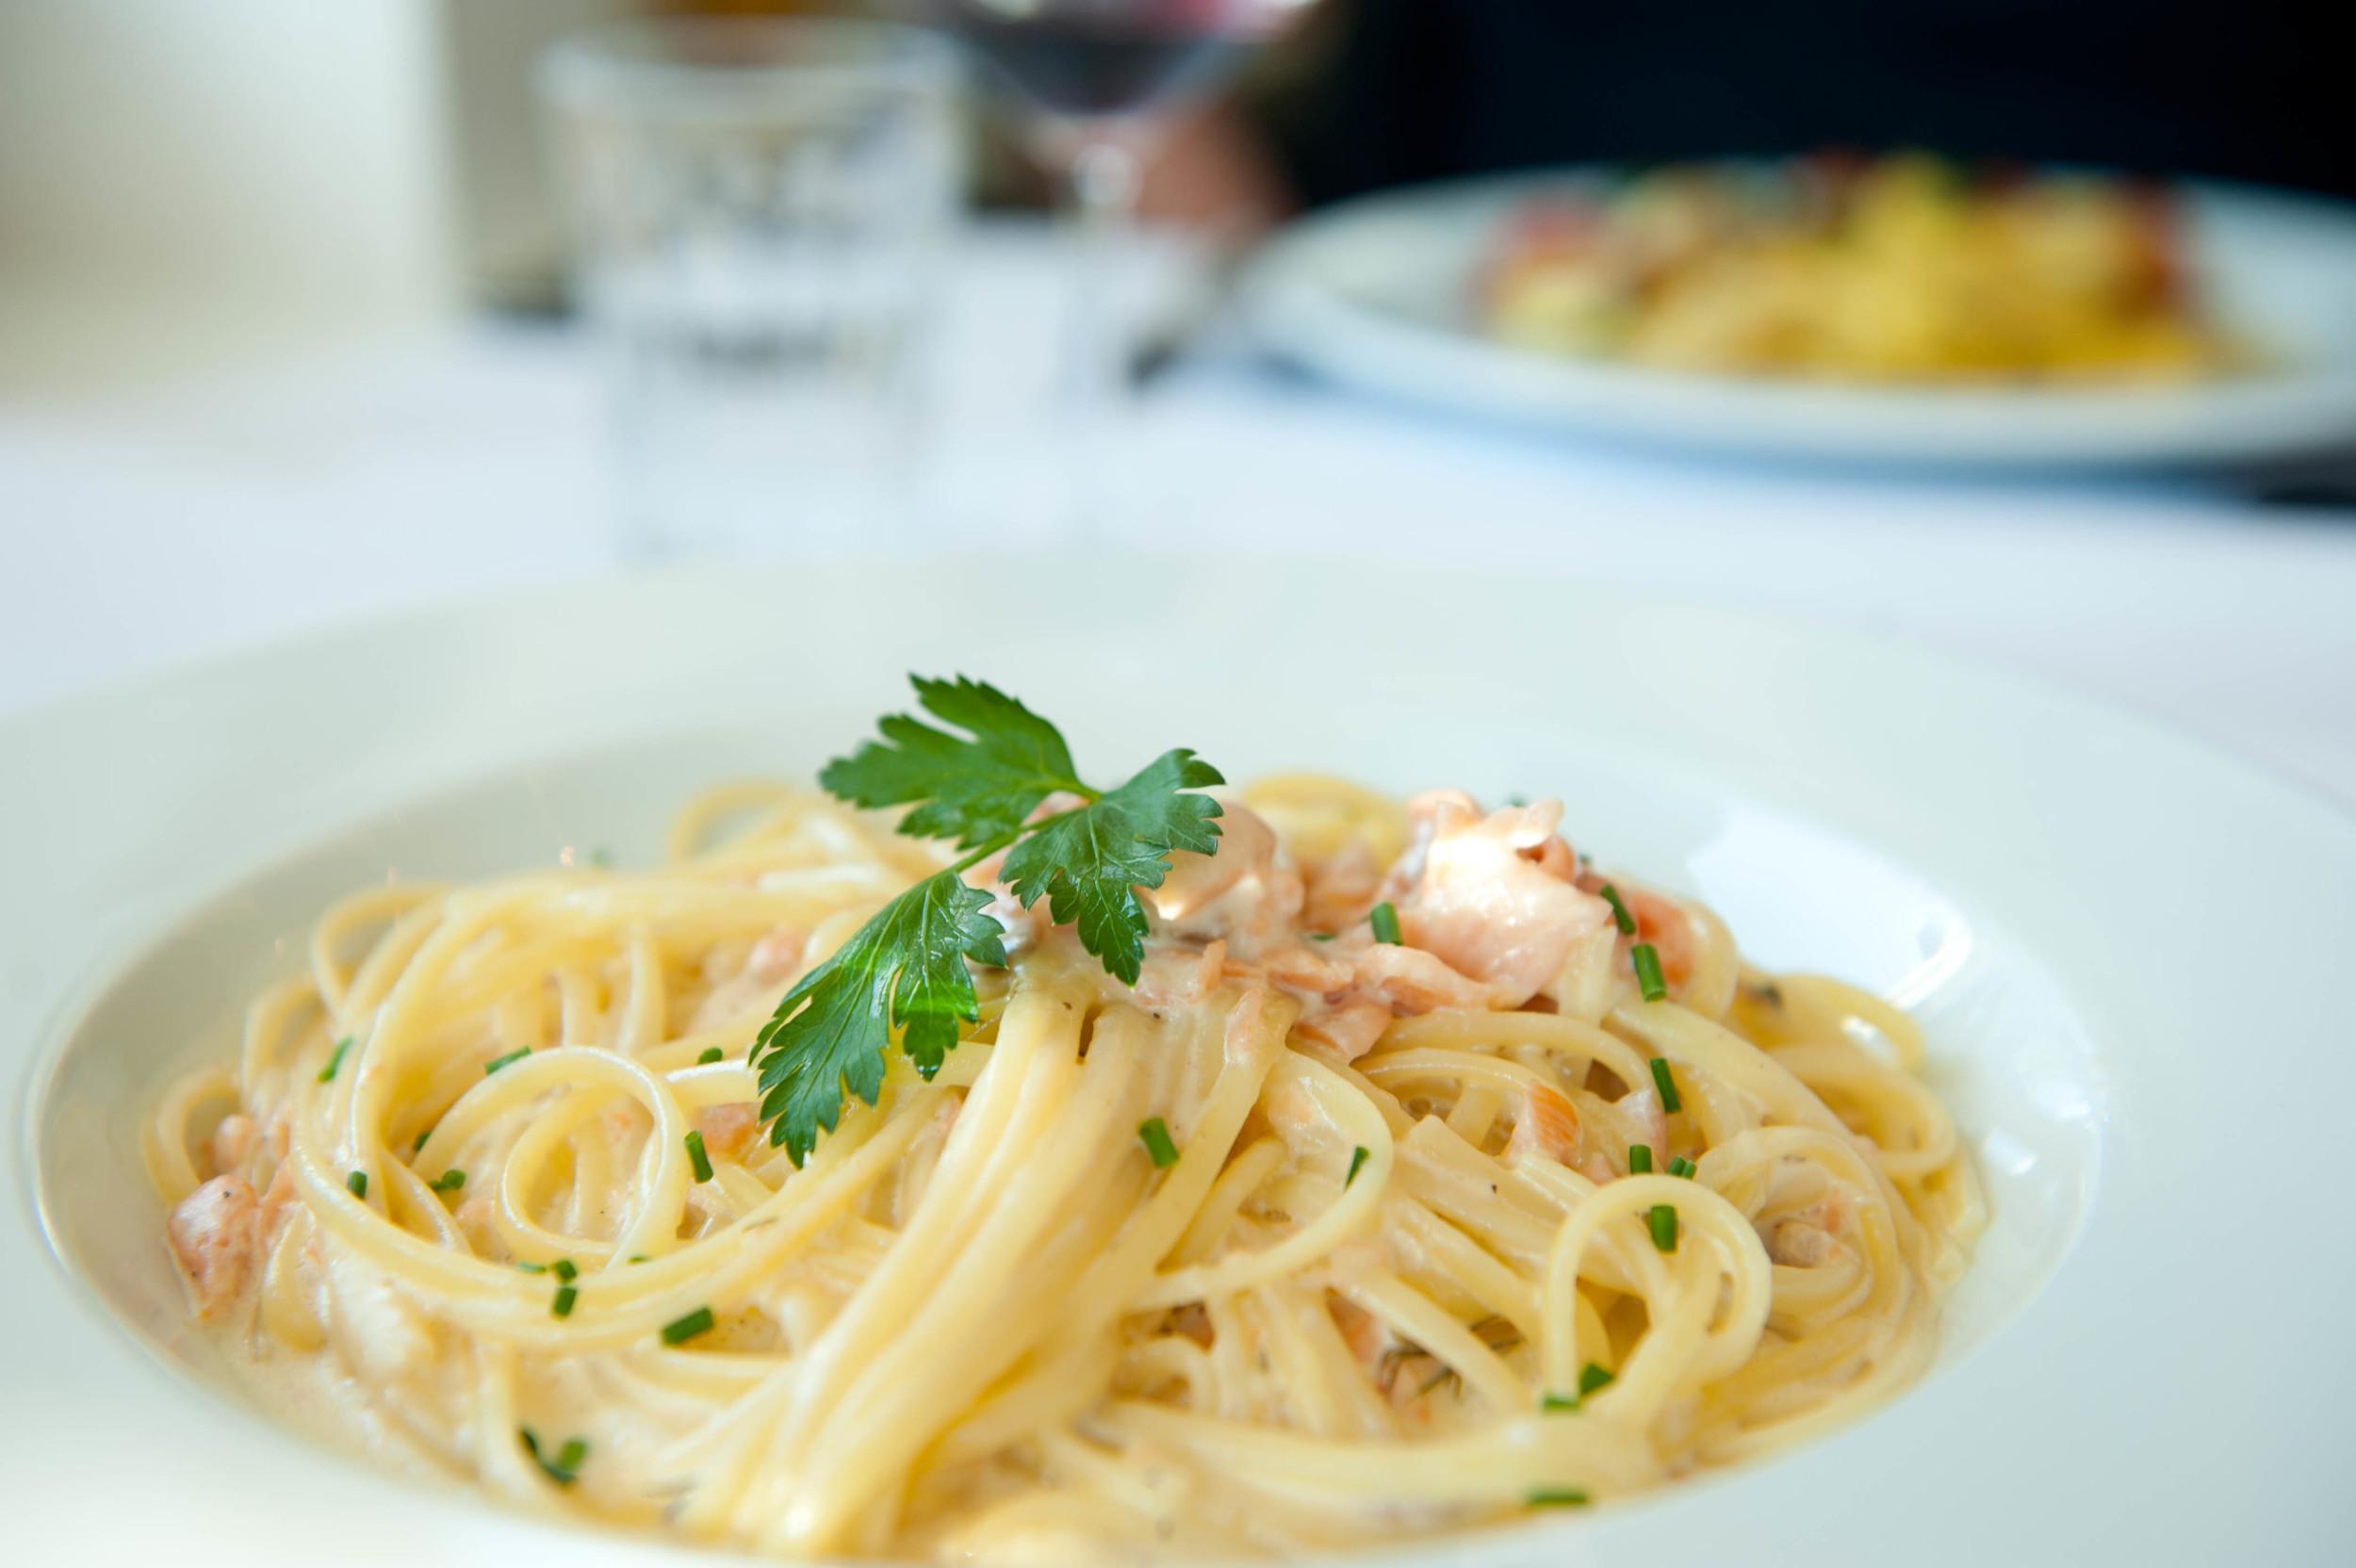 spaghetti lachs.jpg